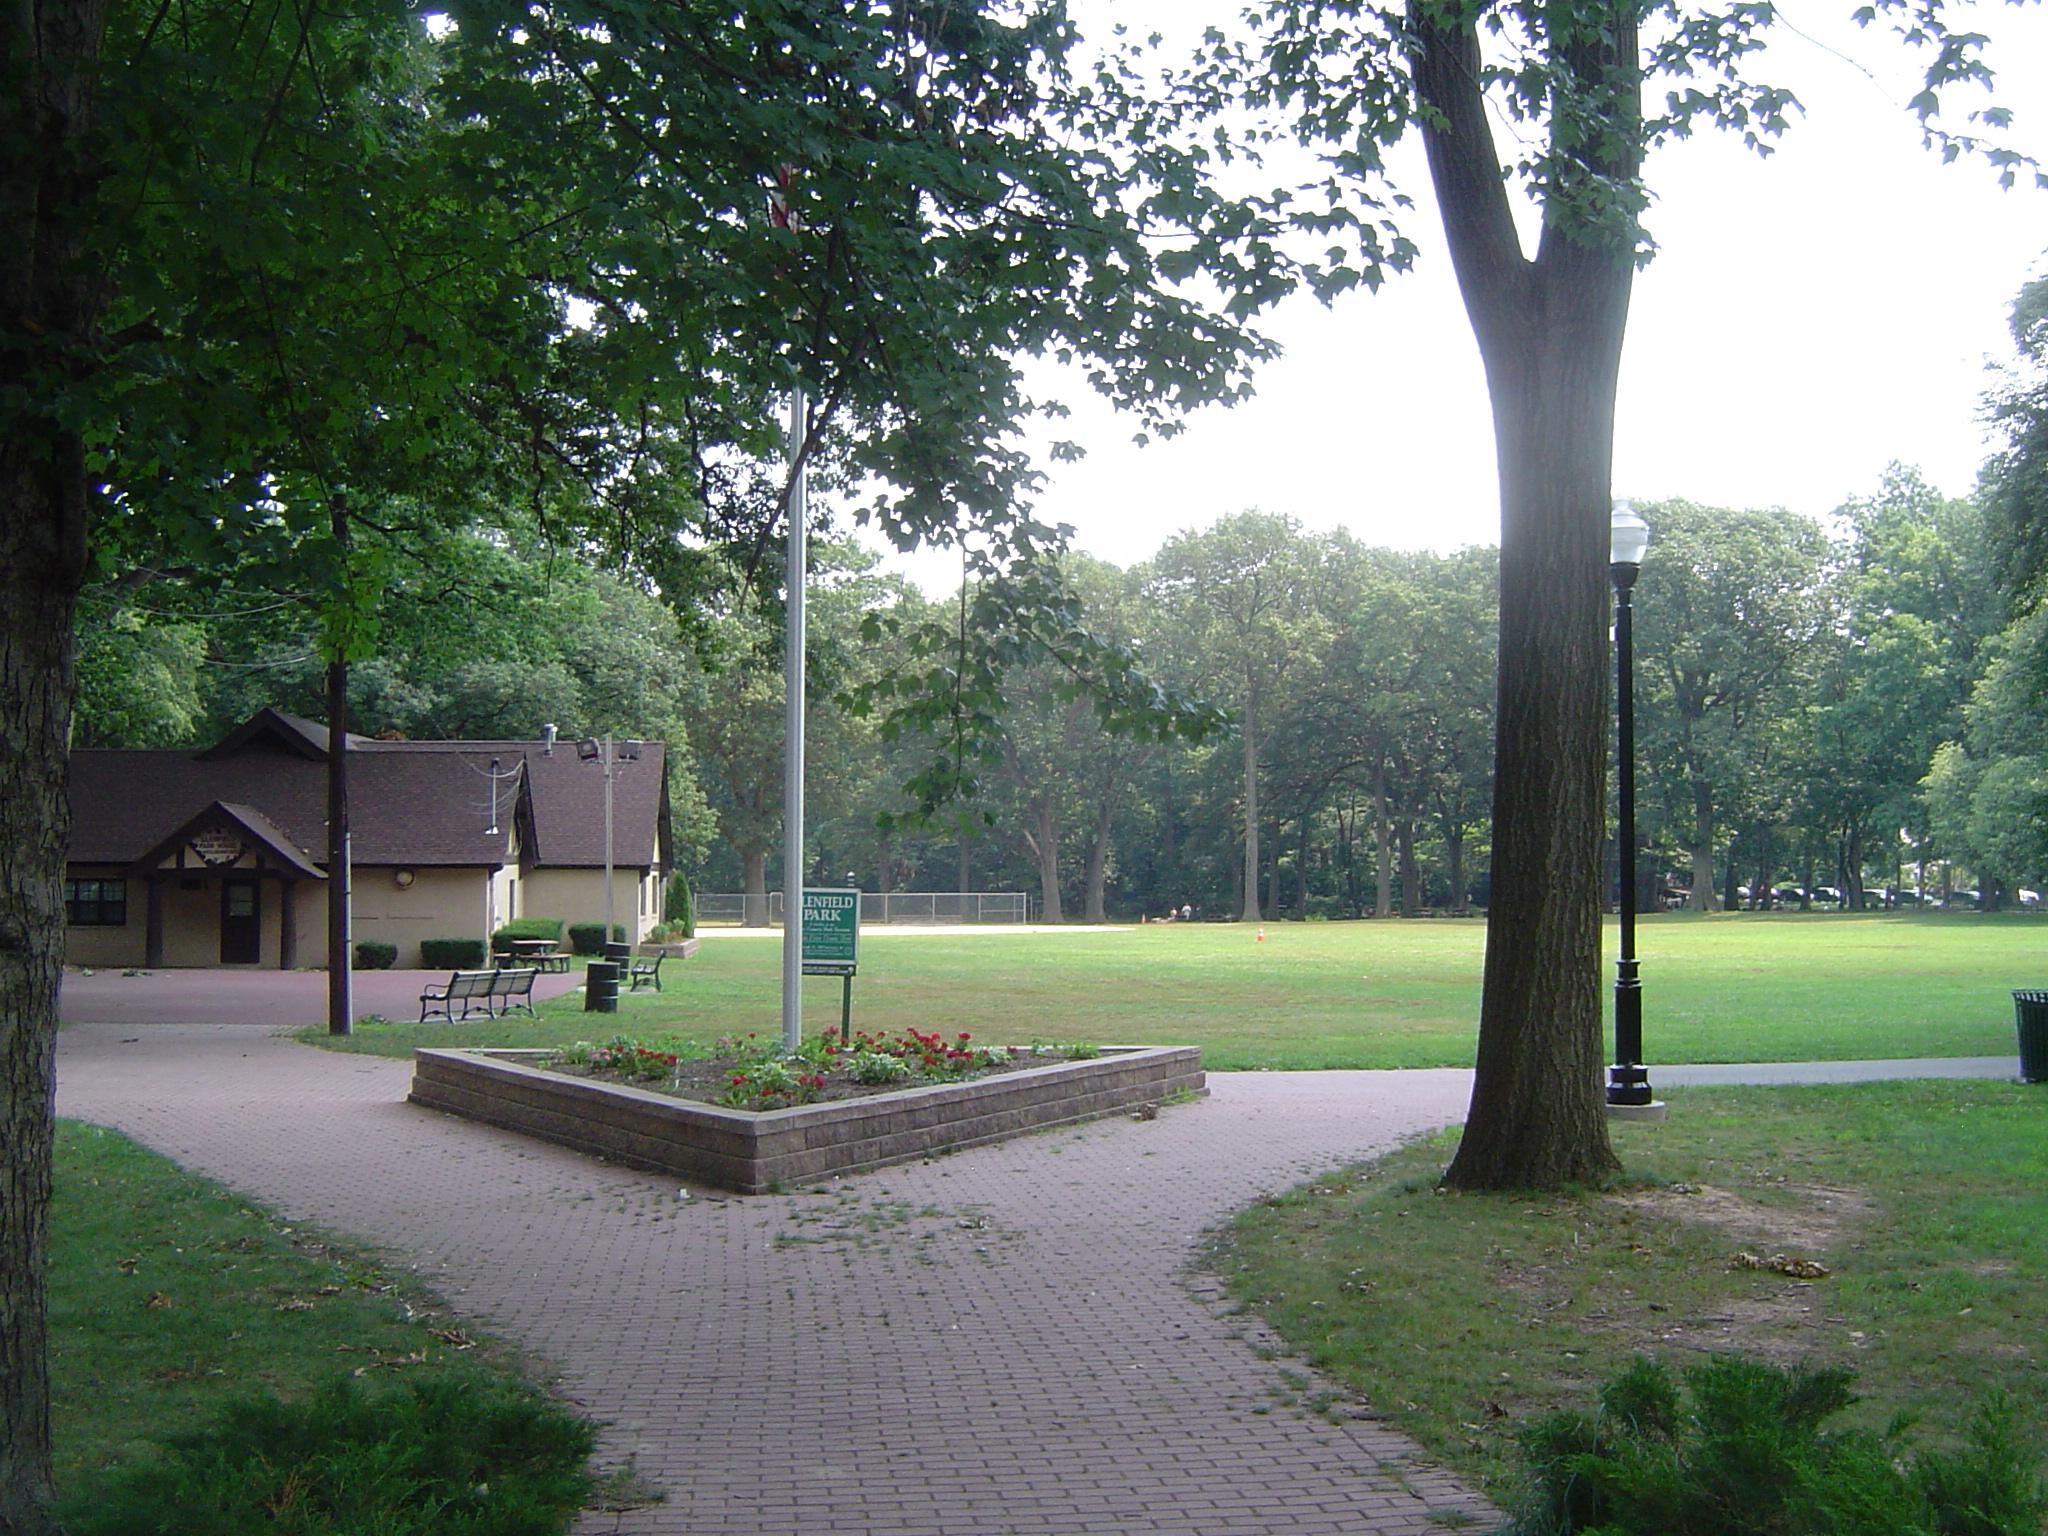 Glenfield park